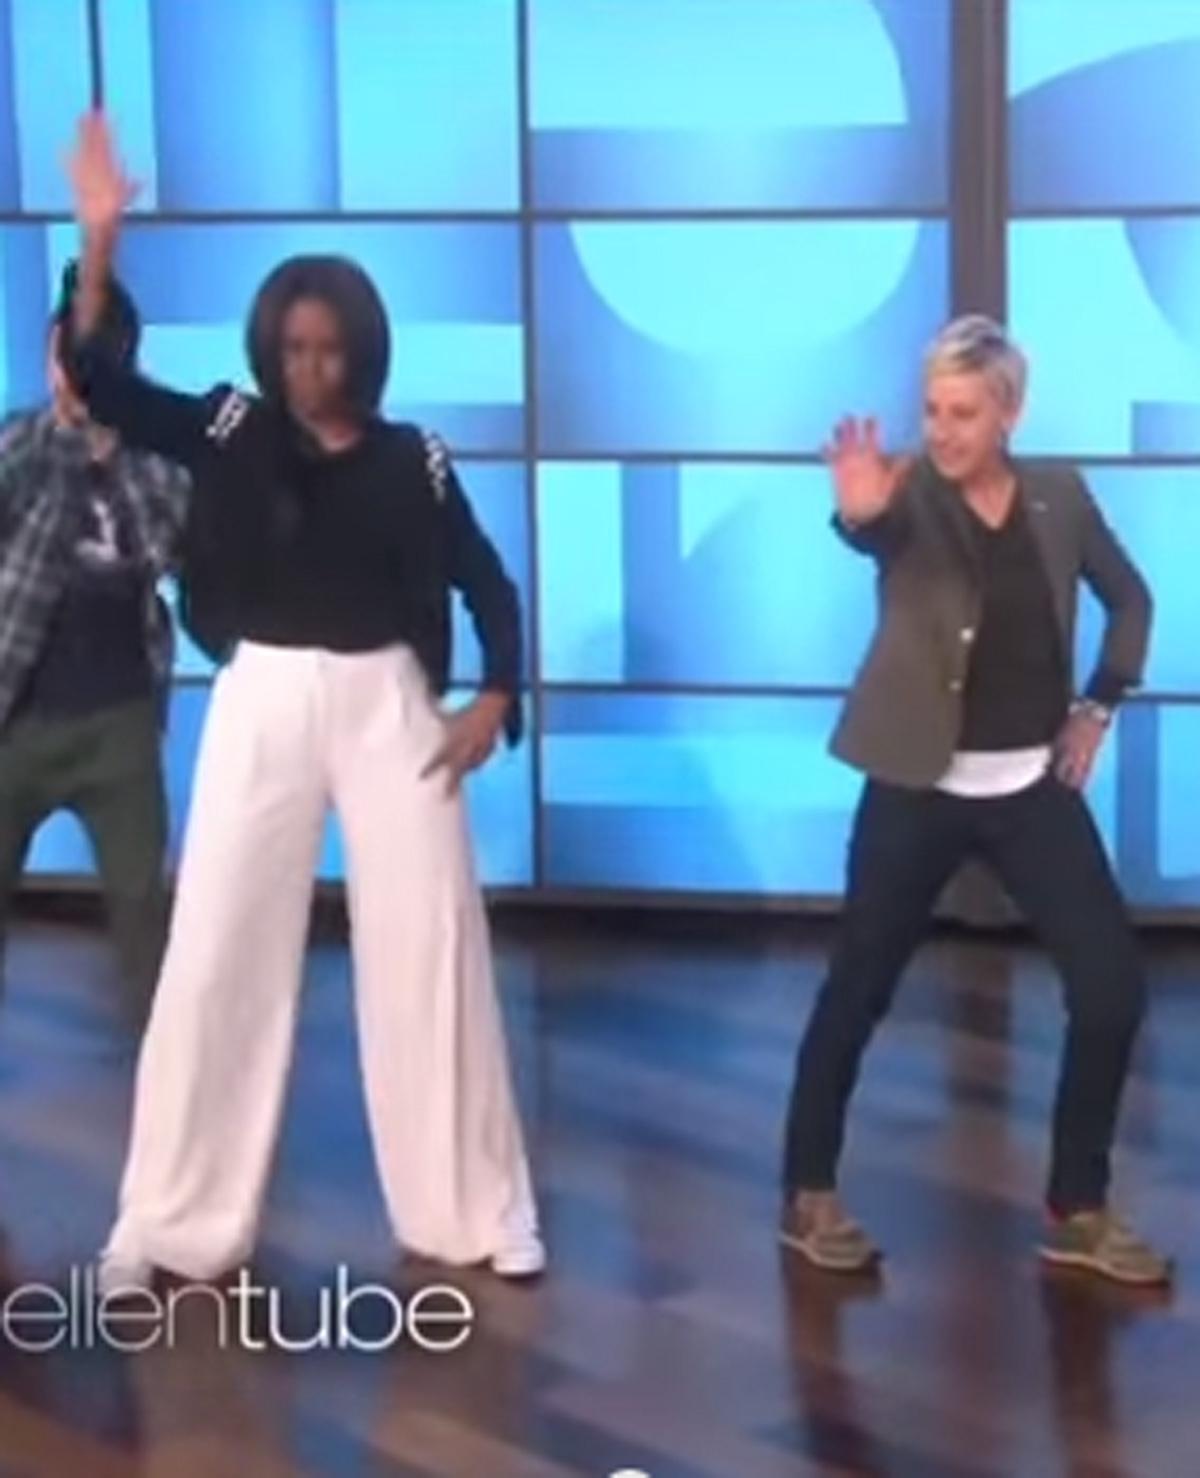 Michelle Obama danst Uptown Funk met Ellen DeGeneres